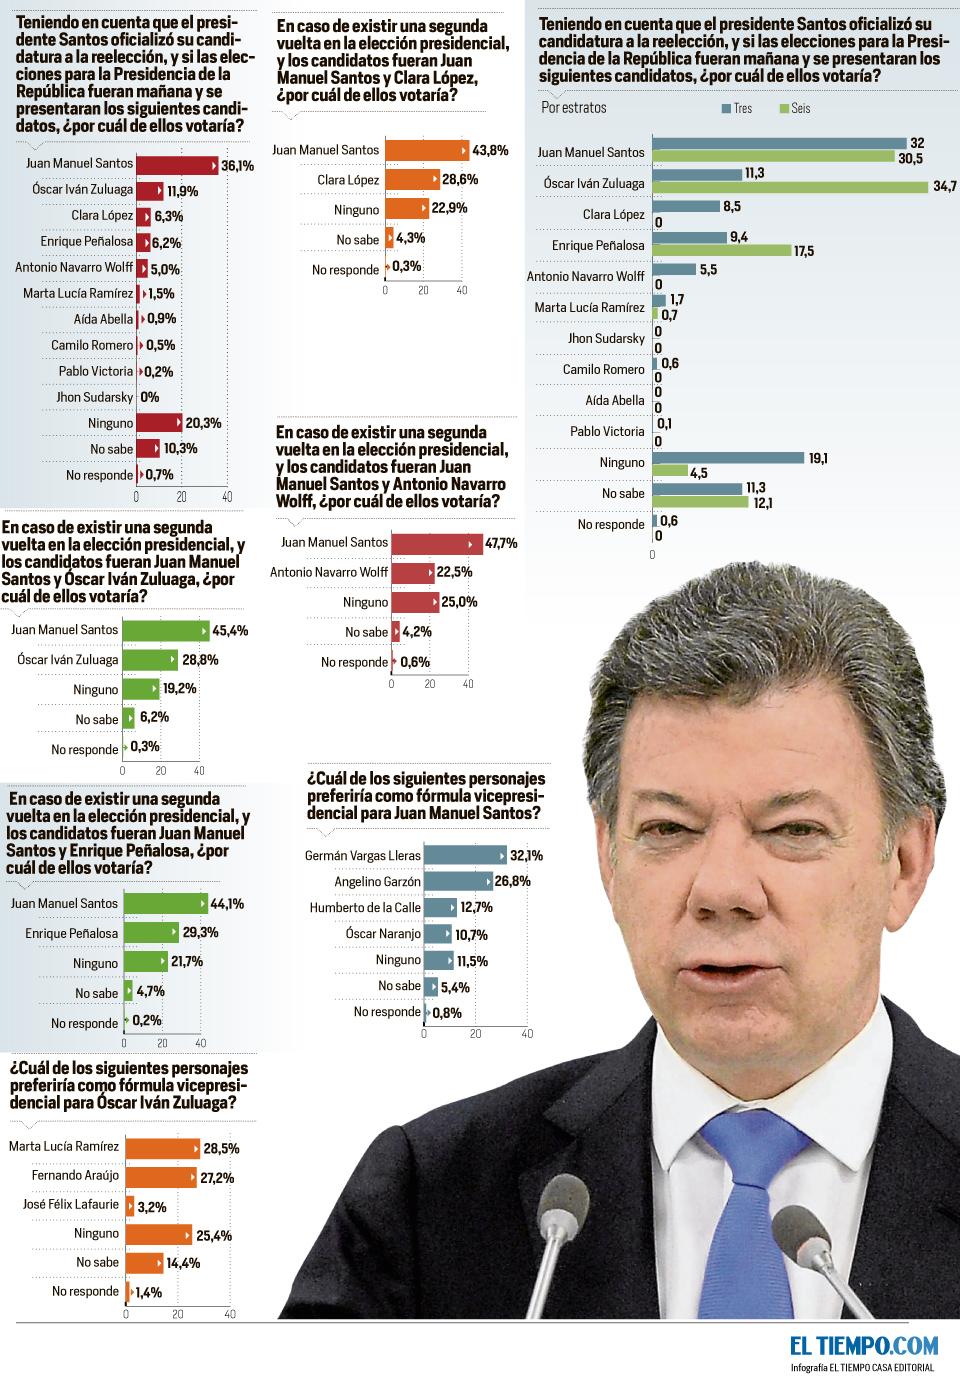 Encuesta Datexco, de cara a las elecciones presidenciales